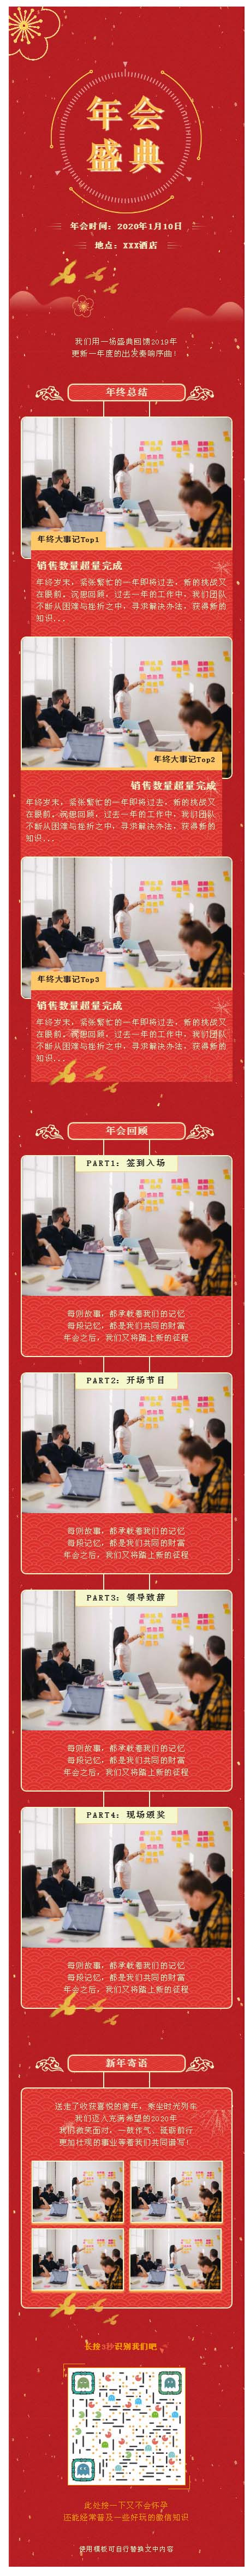 微信年会模板红色动态背景微信公众号推送图文模推文素材